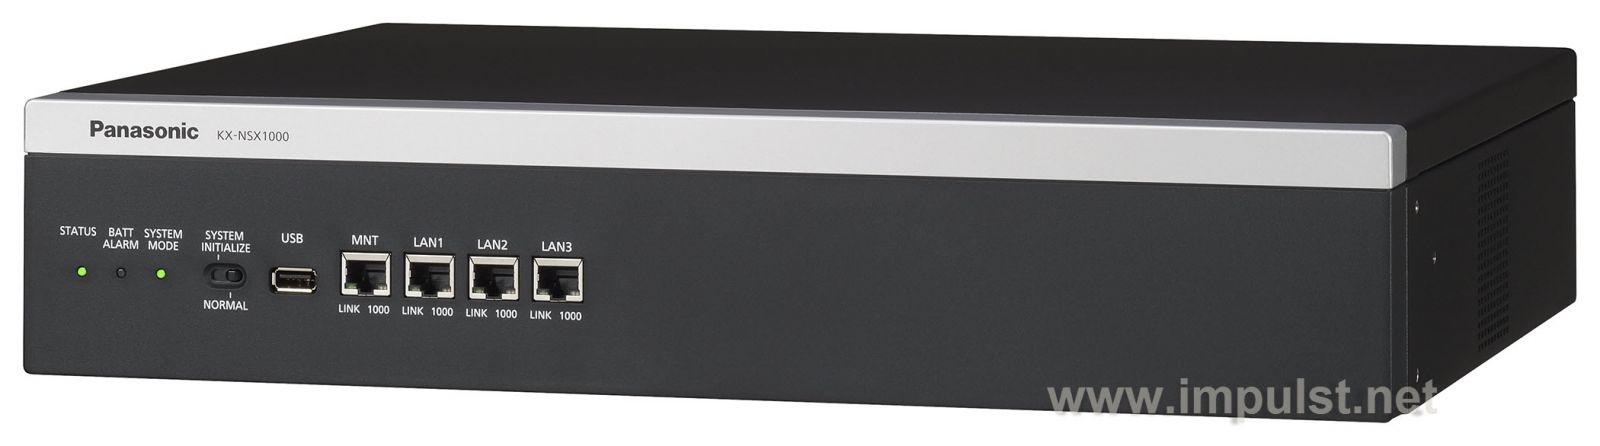 KX-NSX1000 komunikacioni server